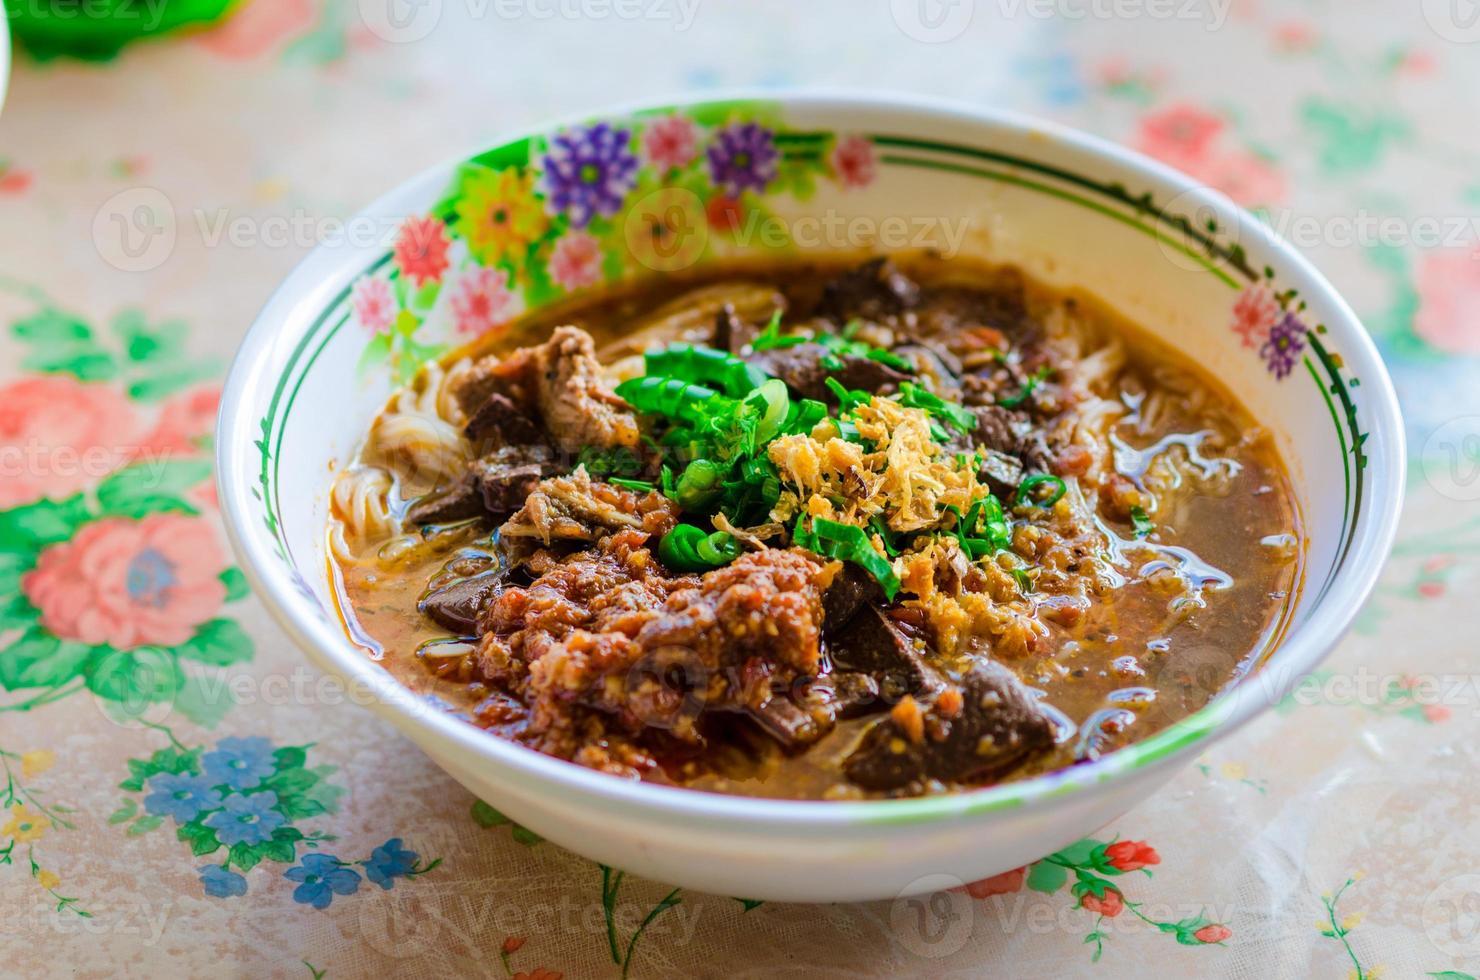 nouilles de riz thaï au curry épicé photo